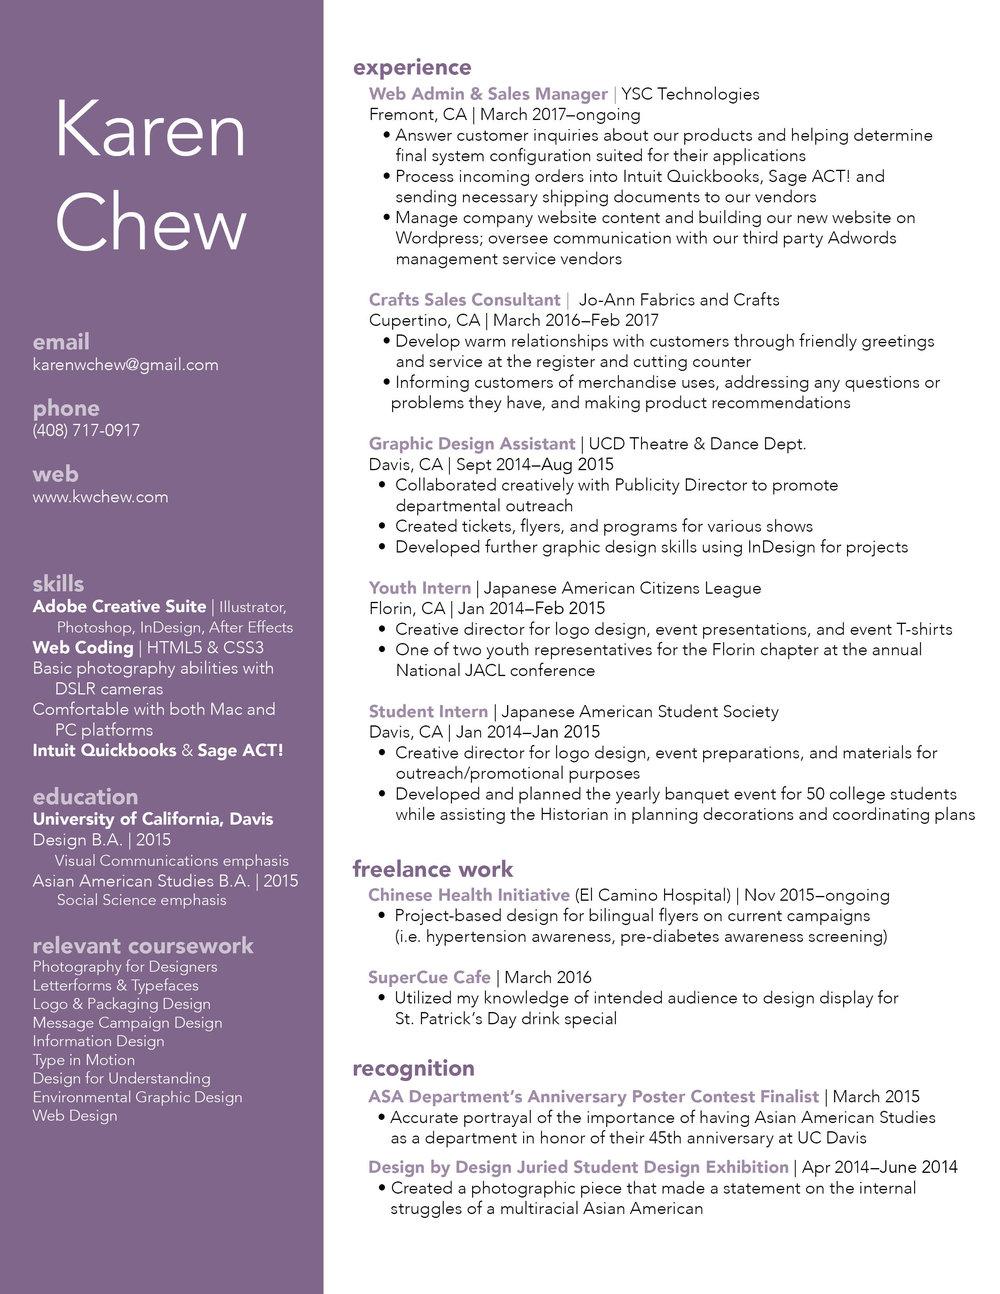 Resume — KAREN CHEW